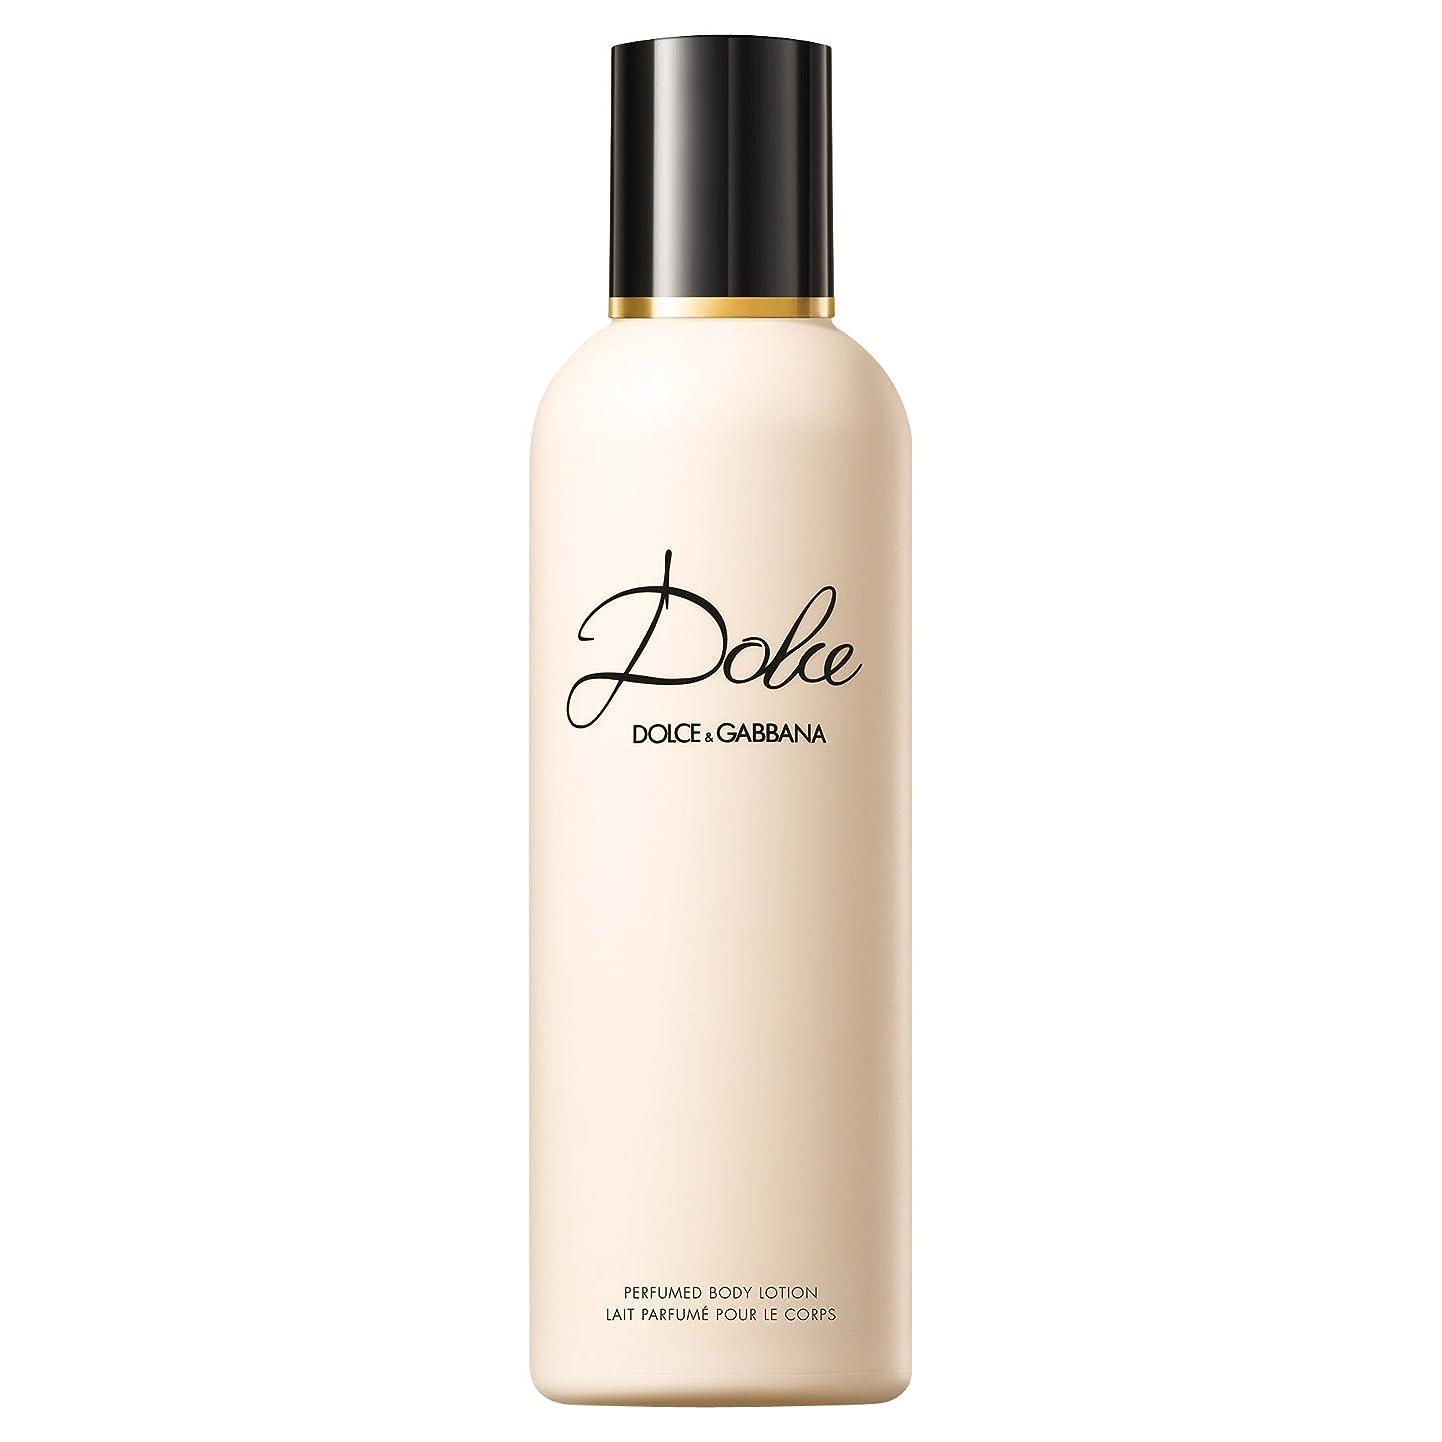 右惑星正規化ドルチェ&ガッバーナドルチェのボディローション200ミリリットル (Dolce & Gabbana) - Dolce & Gabbana Dolce Body Lotion 200ml [並行輸入品]